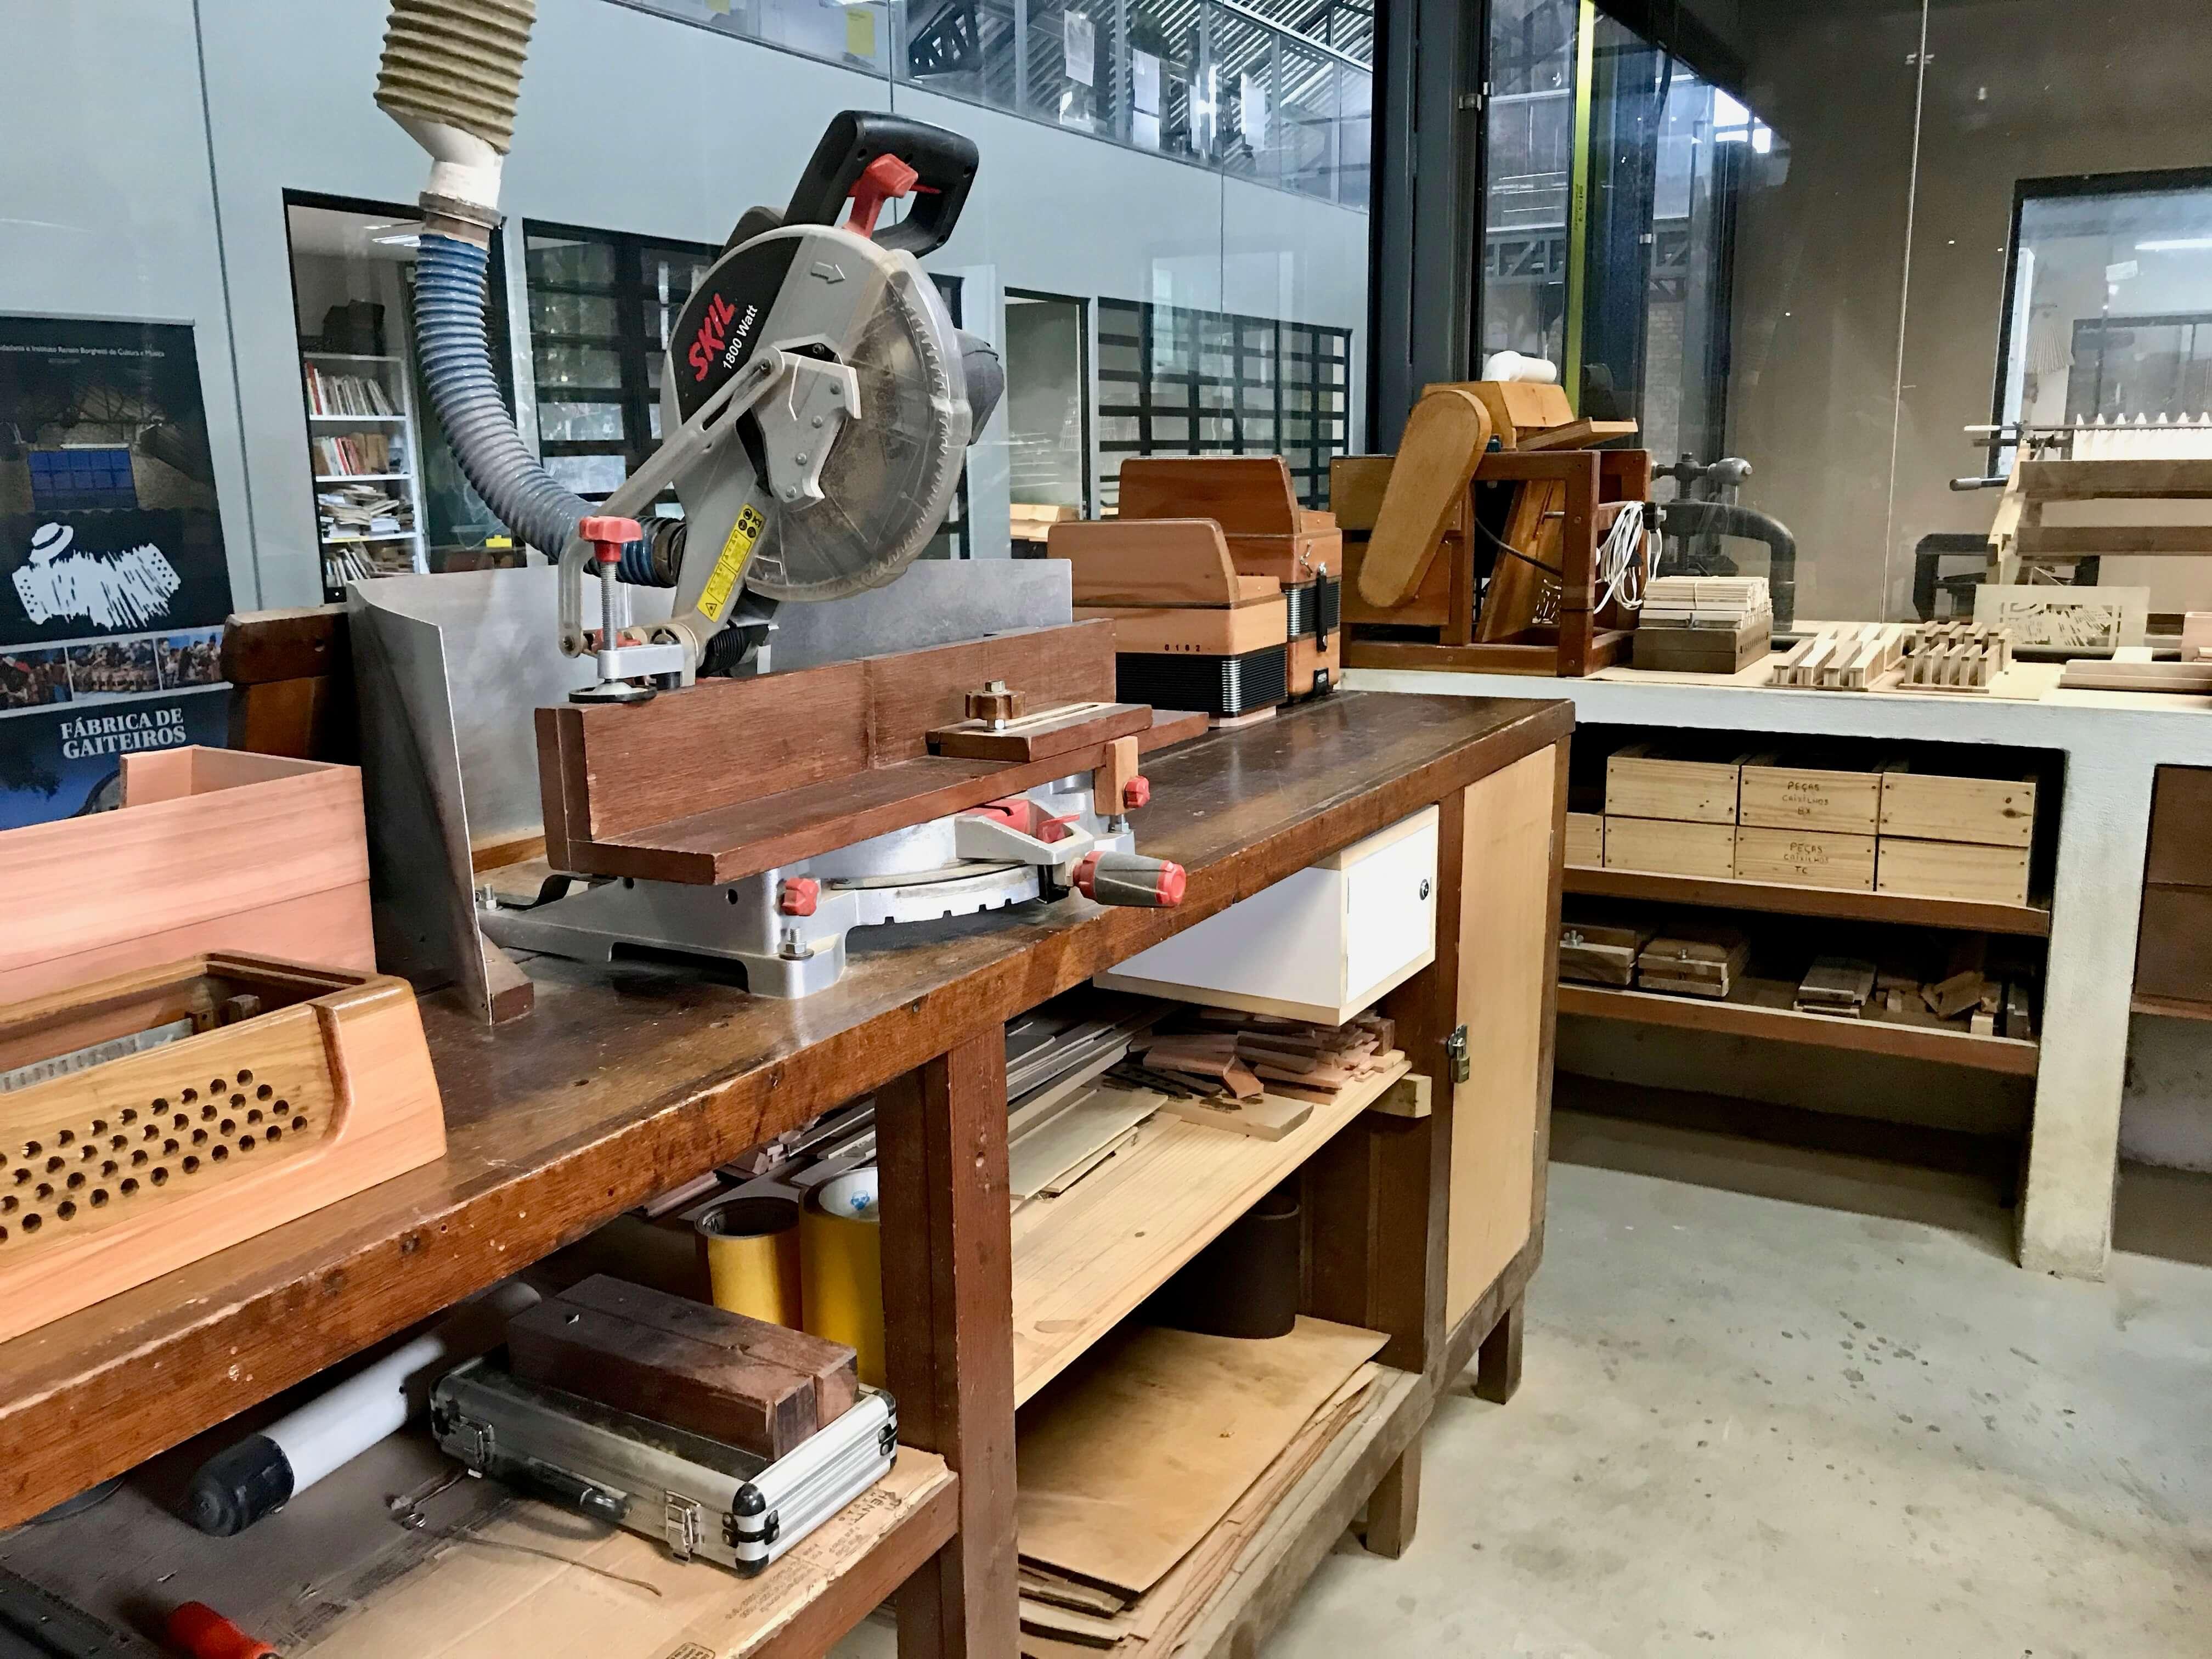 interior da fábrica de gaiteiros